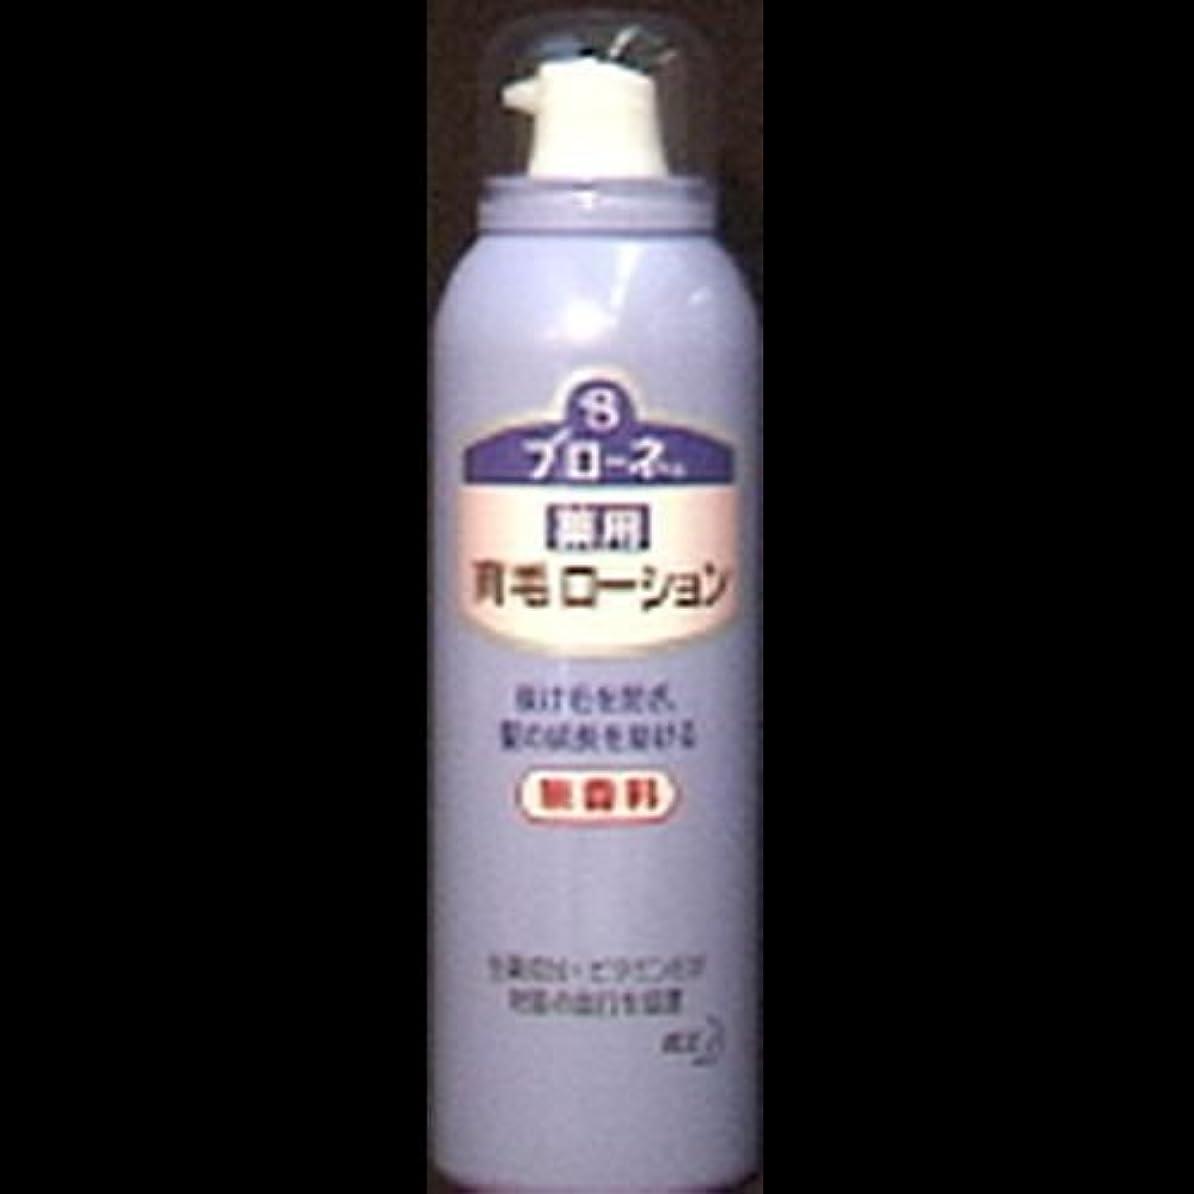 適切な用量航海【まとめ買い】ブローネ 薬用育毛ローション 無香料(180g) ×2セット